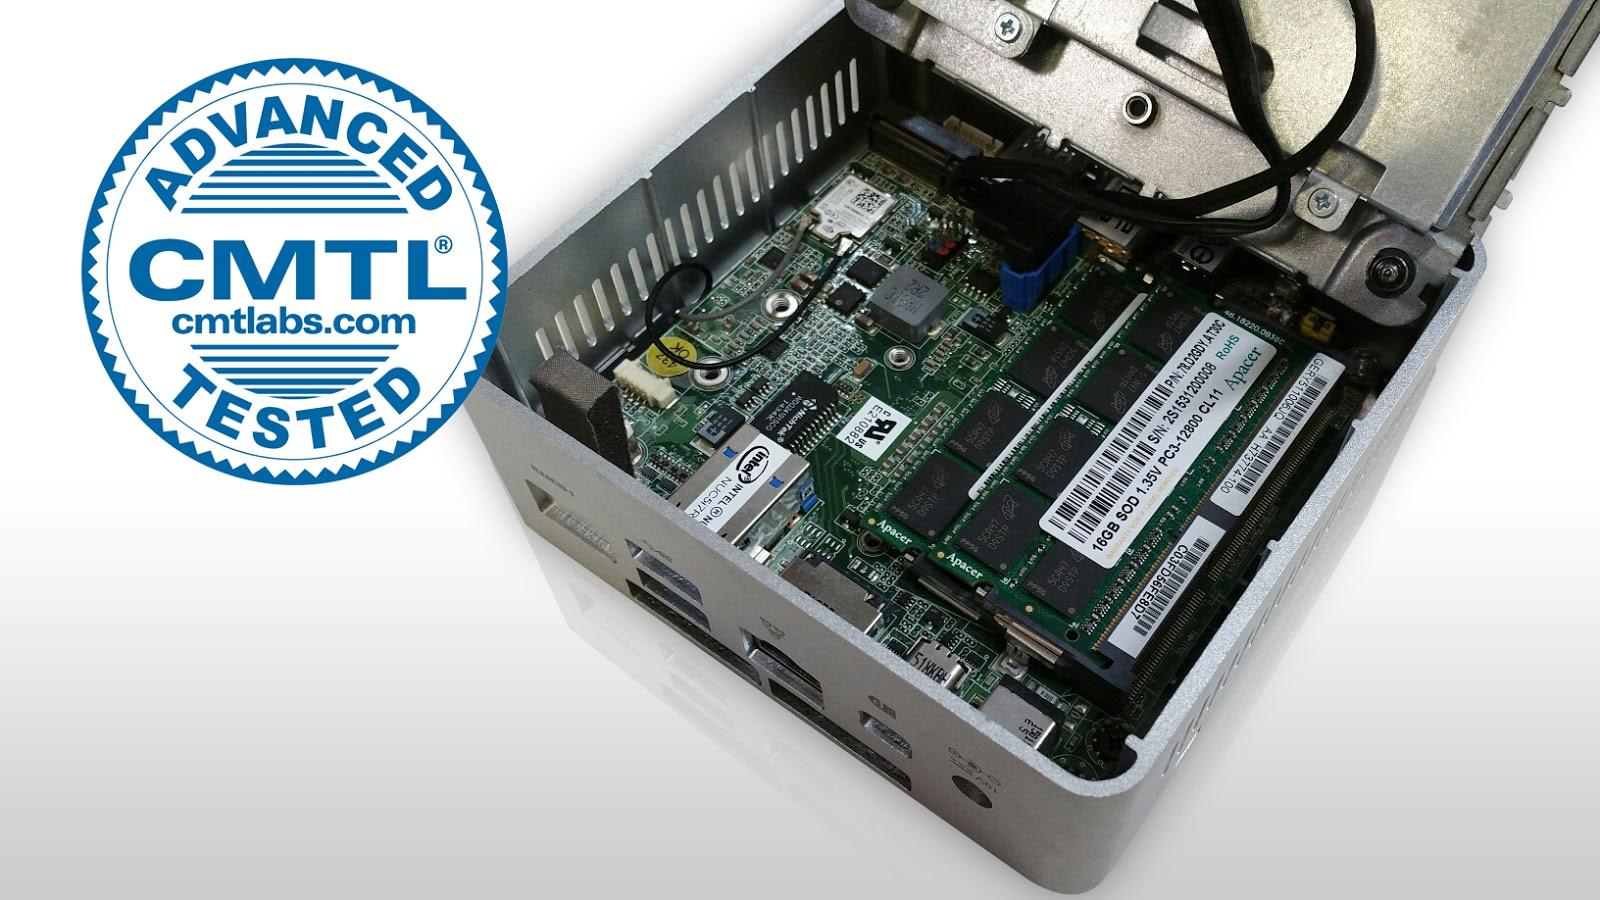 Apacer 16GB DDR3L 1600 SODIMM